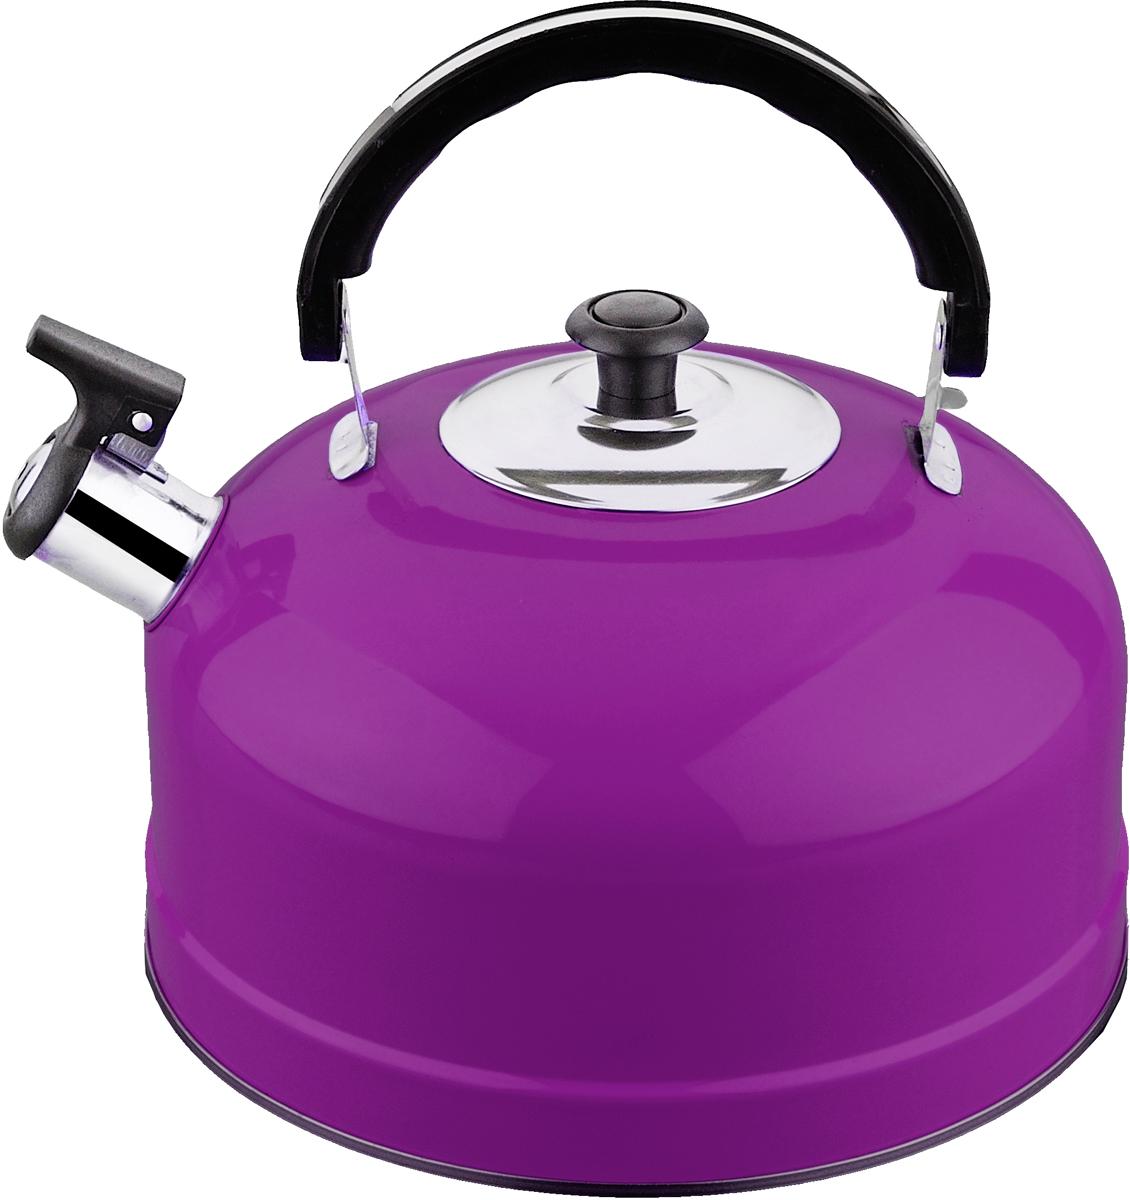 Чайник Irit, со свистком, цвет: фиолетовый, 2,5 лIRH-418 фиолетовыйЧайник Irit изготовлен из высококачественной нержавеющей стали, имеет однослойное дно.Нержавеющая сталь обладает высокой устойчивостью к коррозии, не вступает в реакцию с холодными и горячими продуктами и полностью сохраняет их вкусовые качества. Чайник оснащен удобной подвижнойручкой из термостойкого пластика. Носик чайника имеет откидной свисток, звуковой сигнал которого подскажет, когда закипит вода.